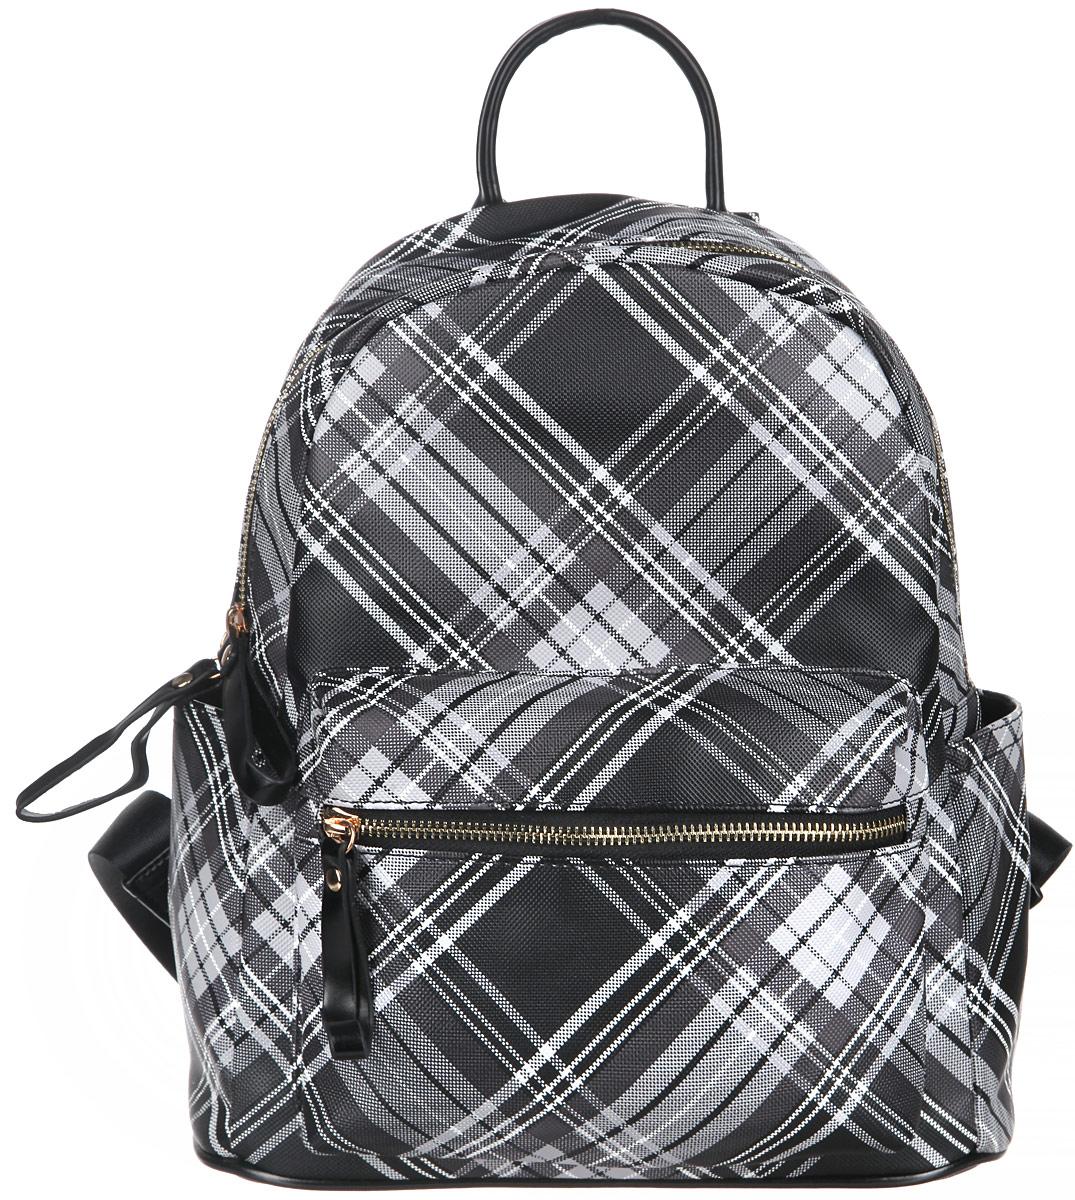 Рюкзак женский Orsa Oro, цвет: черный, белый, серый. D-235/45D-235/45Стильный женский рюкзак Orsa Oro выполнен из экокожи. Рюкзак имеет одно основное отделение, которое закрывается на замок-молнию. Внутри два накладных кармана для телефона и мелких принадлежностей, а также врезной карман на молнии. Снаружи на передней части рюкзака размещен объемный накладной карман на молнии. По бокам расположены небольшие открытые накладные кармашки. Снаружи, на спинке рюкзака размещен врезной карман на молнии. Рюкзак оснащен двумя мягкими, регулируемыми по длине лямками, с помощью которых его можно носить как на плече, так и на спине и петлей для подвешивания. Фурнитура - золотистого цвета. Стильный рюкзак станет финальным штрихом в создании вашего неповторимого образа.